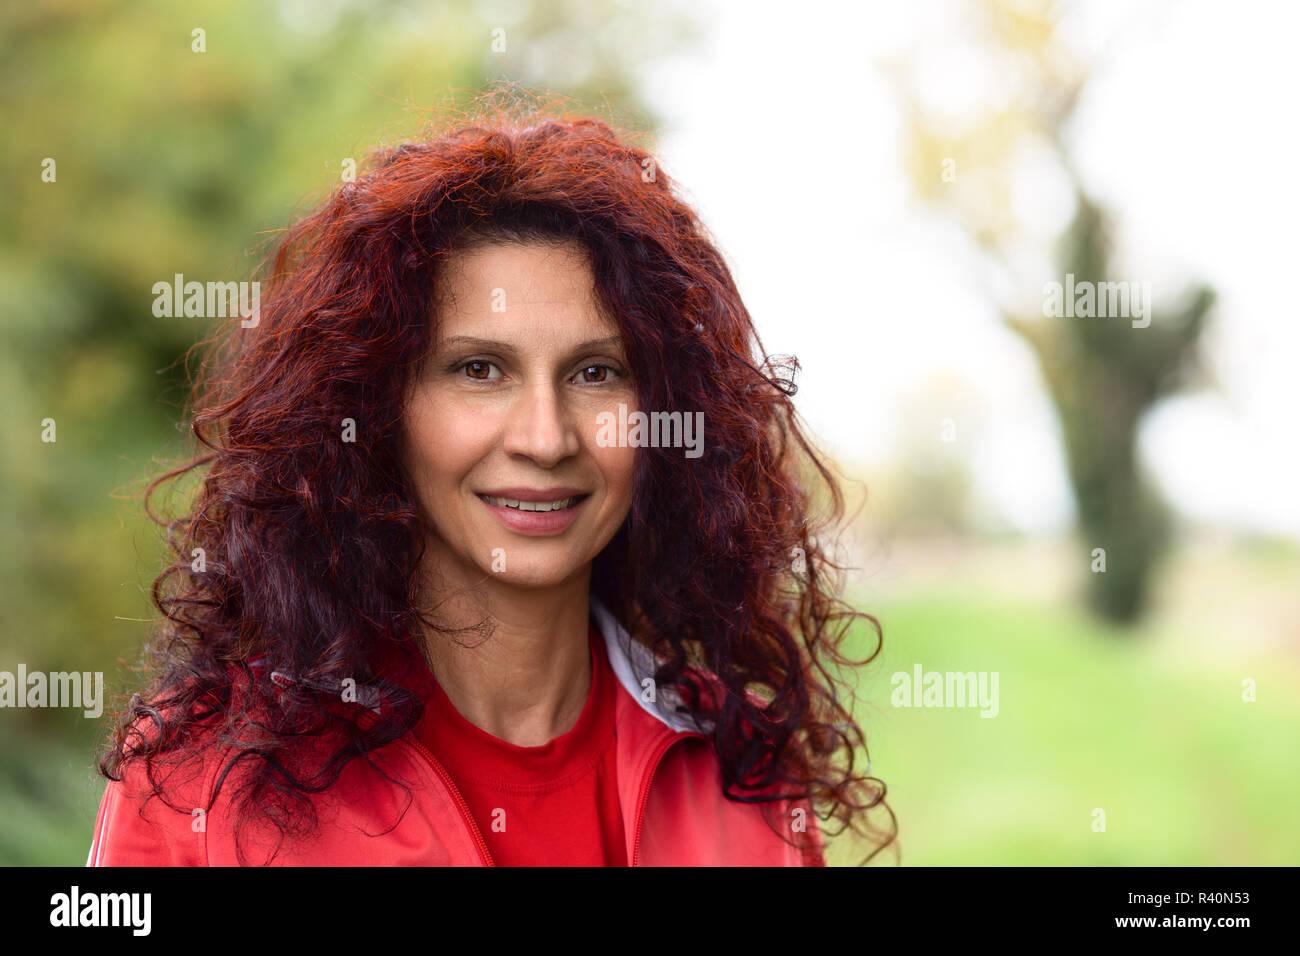 Mädchen In Rot Fitnessraum Anzug Im Garten Lächelnd Lange